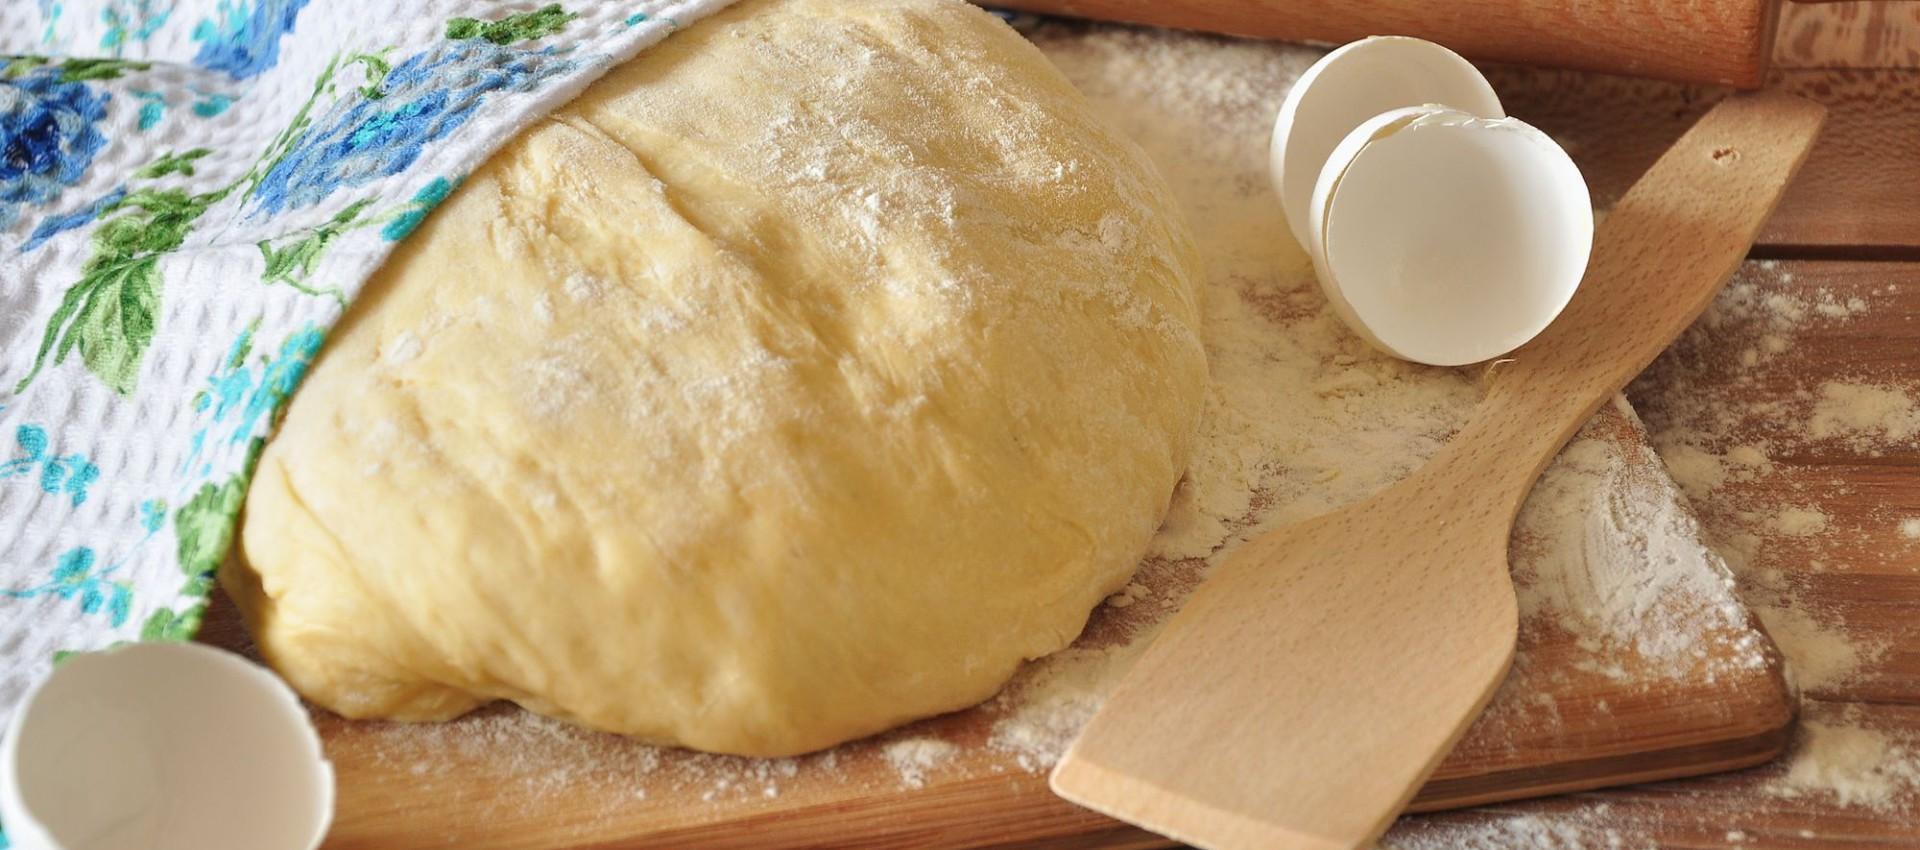 Как приготовить пельменное тесто на воде с яйцами фото